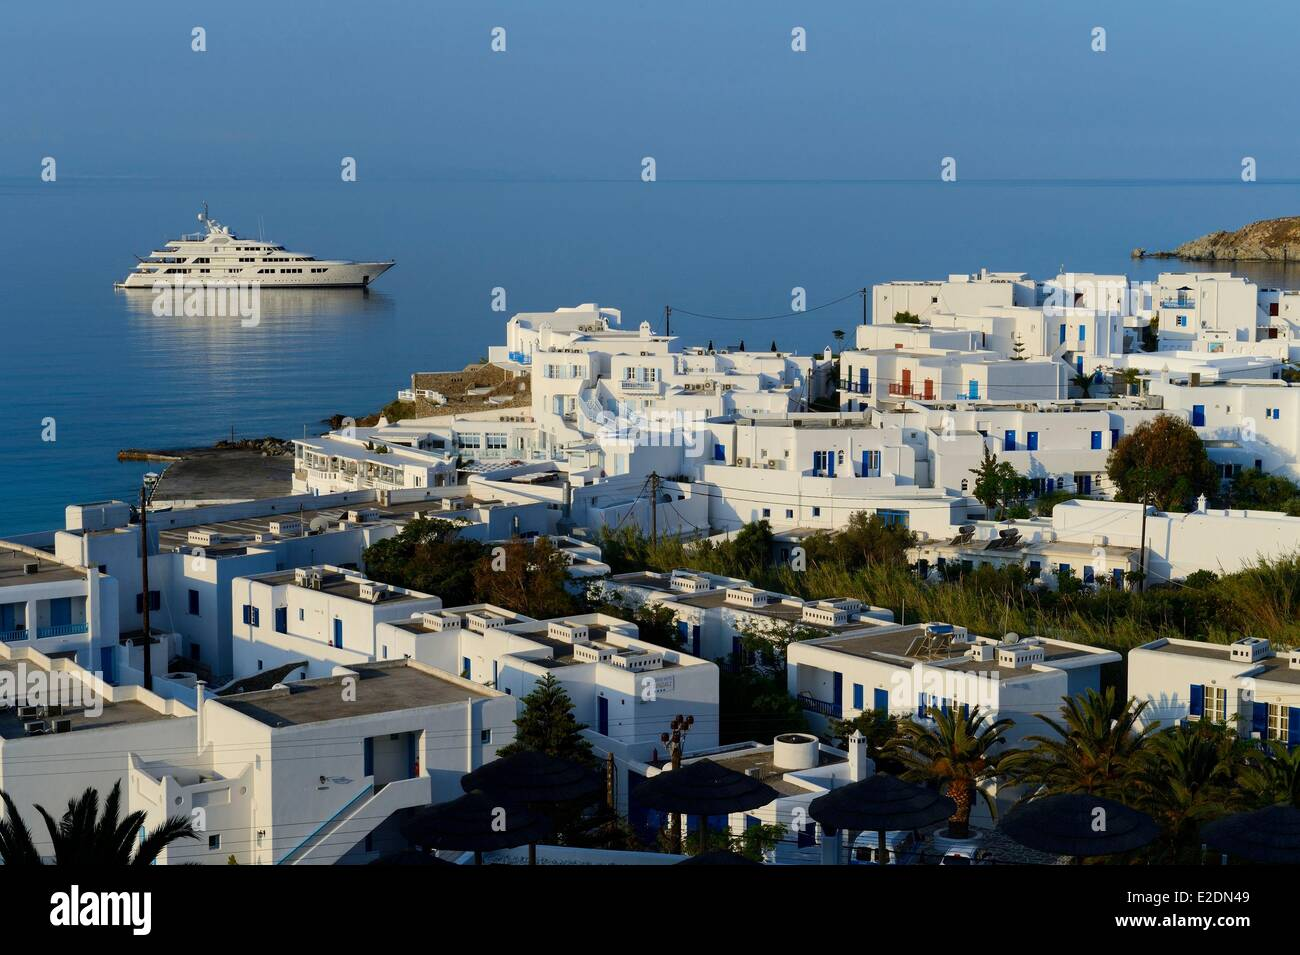 Greece Cyclades islands Mykonos island village of Platis Gialos Stock Photo